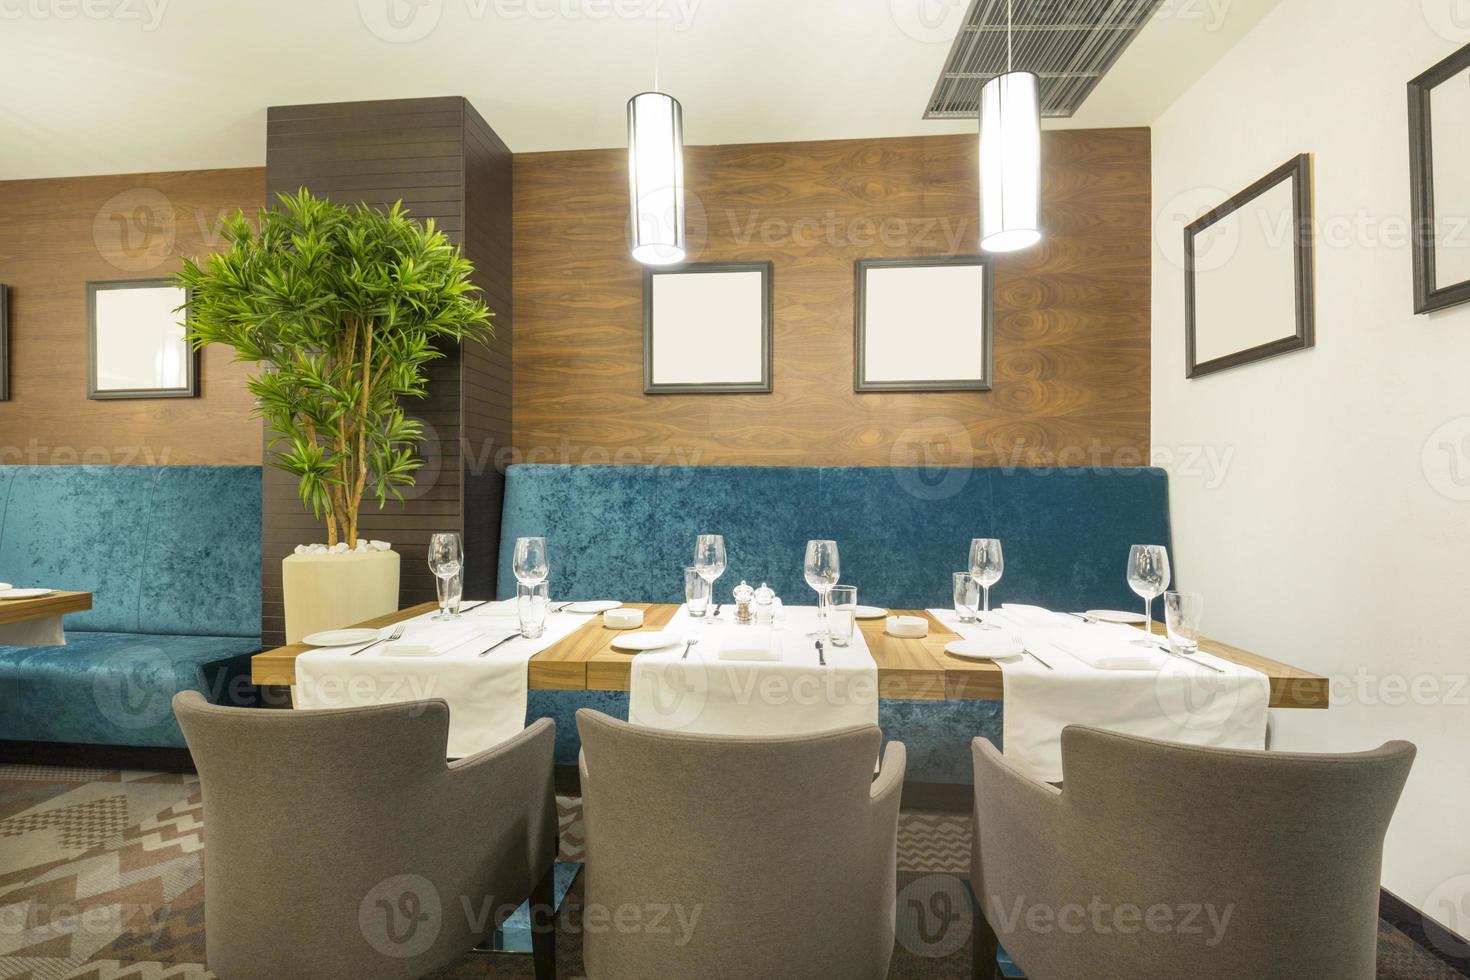 Elegant restaurant interior photo